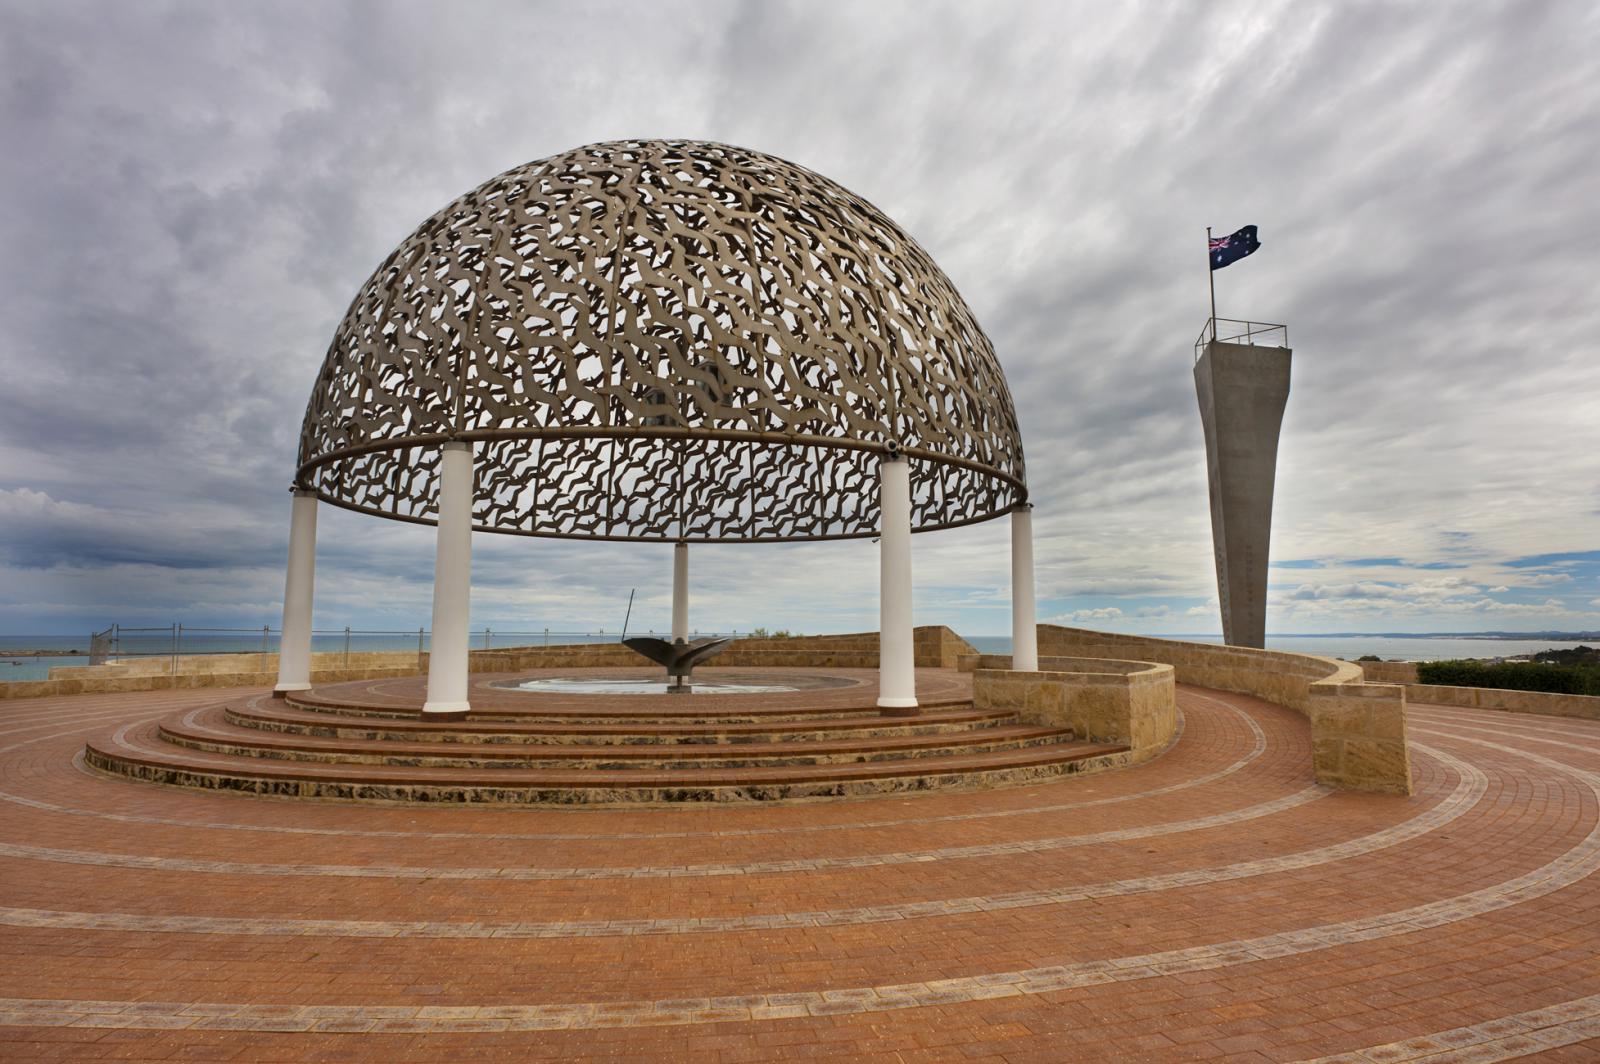 Geraldton Australien